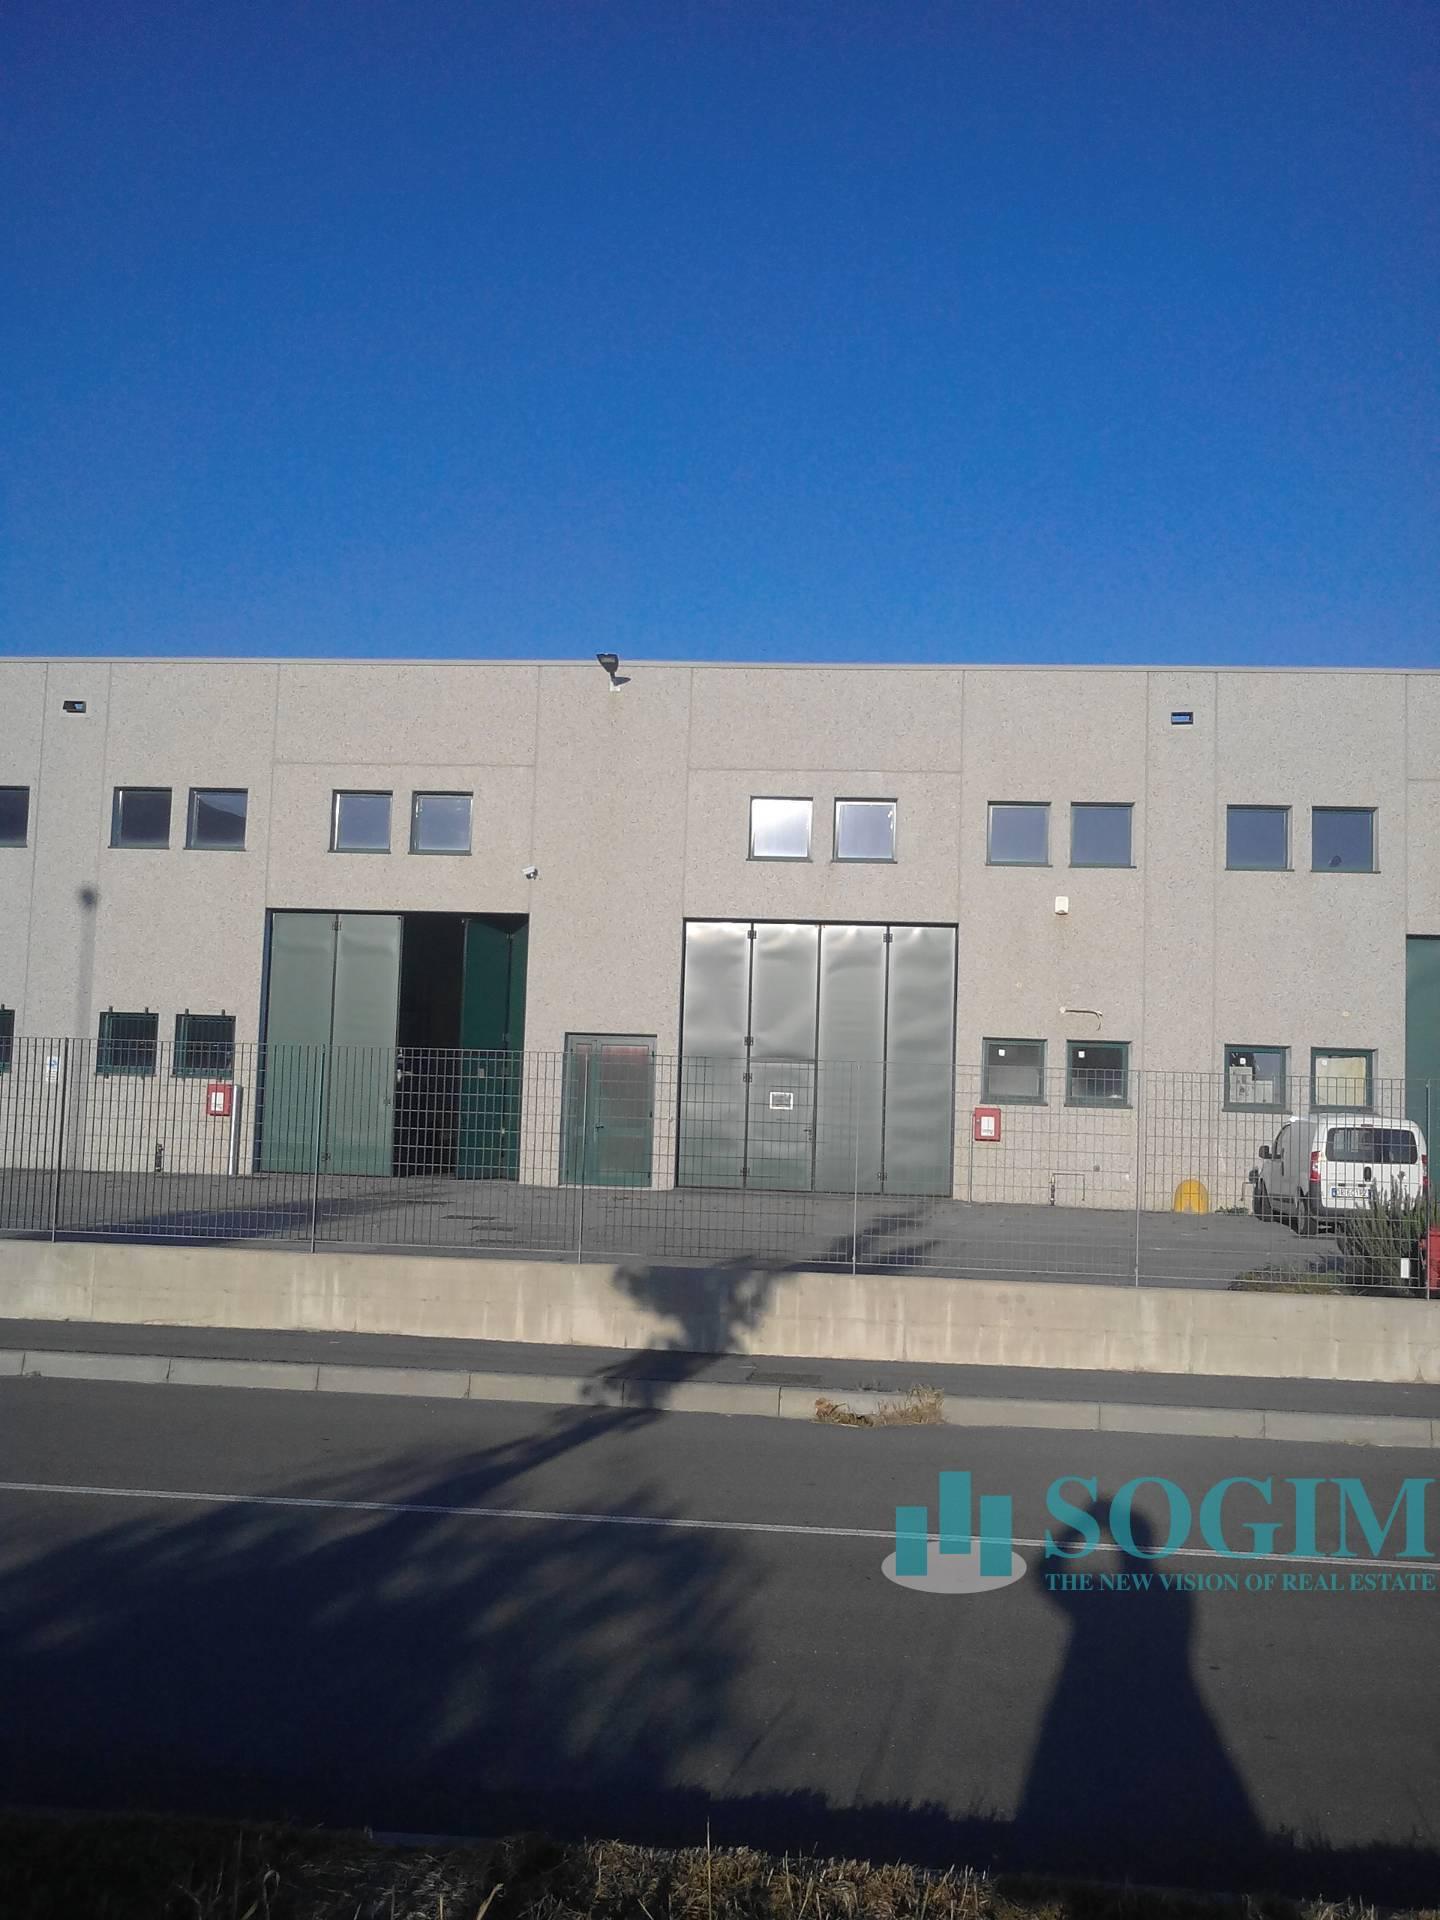 Vendita Capannone Commerciale/Industriale Abbiategrasso 261180